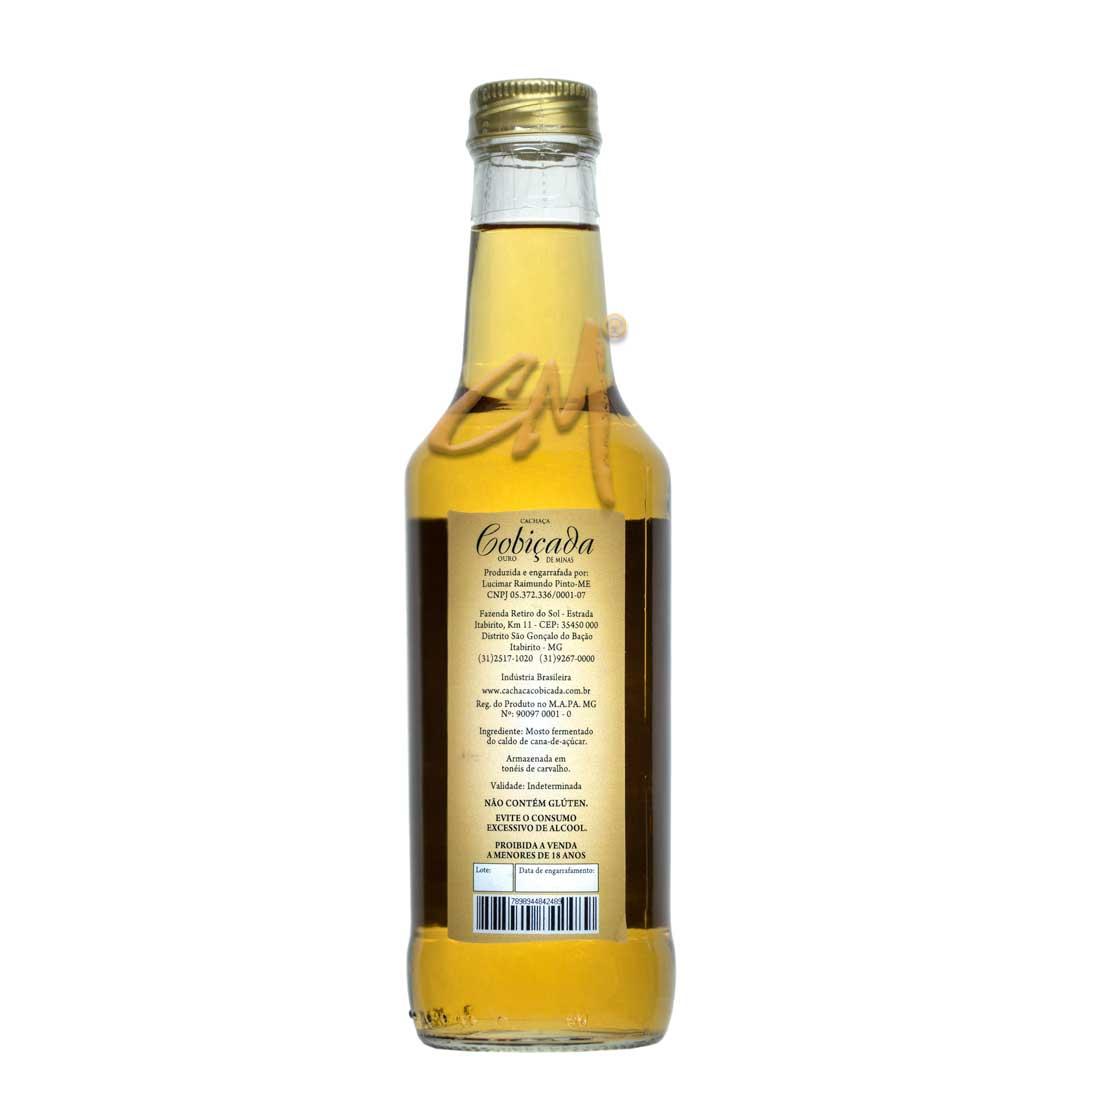 Cachaça Cobiçada Ouro 275 ml (São Gonçalo do Bação - MG)